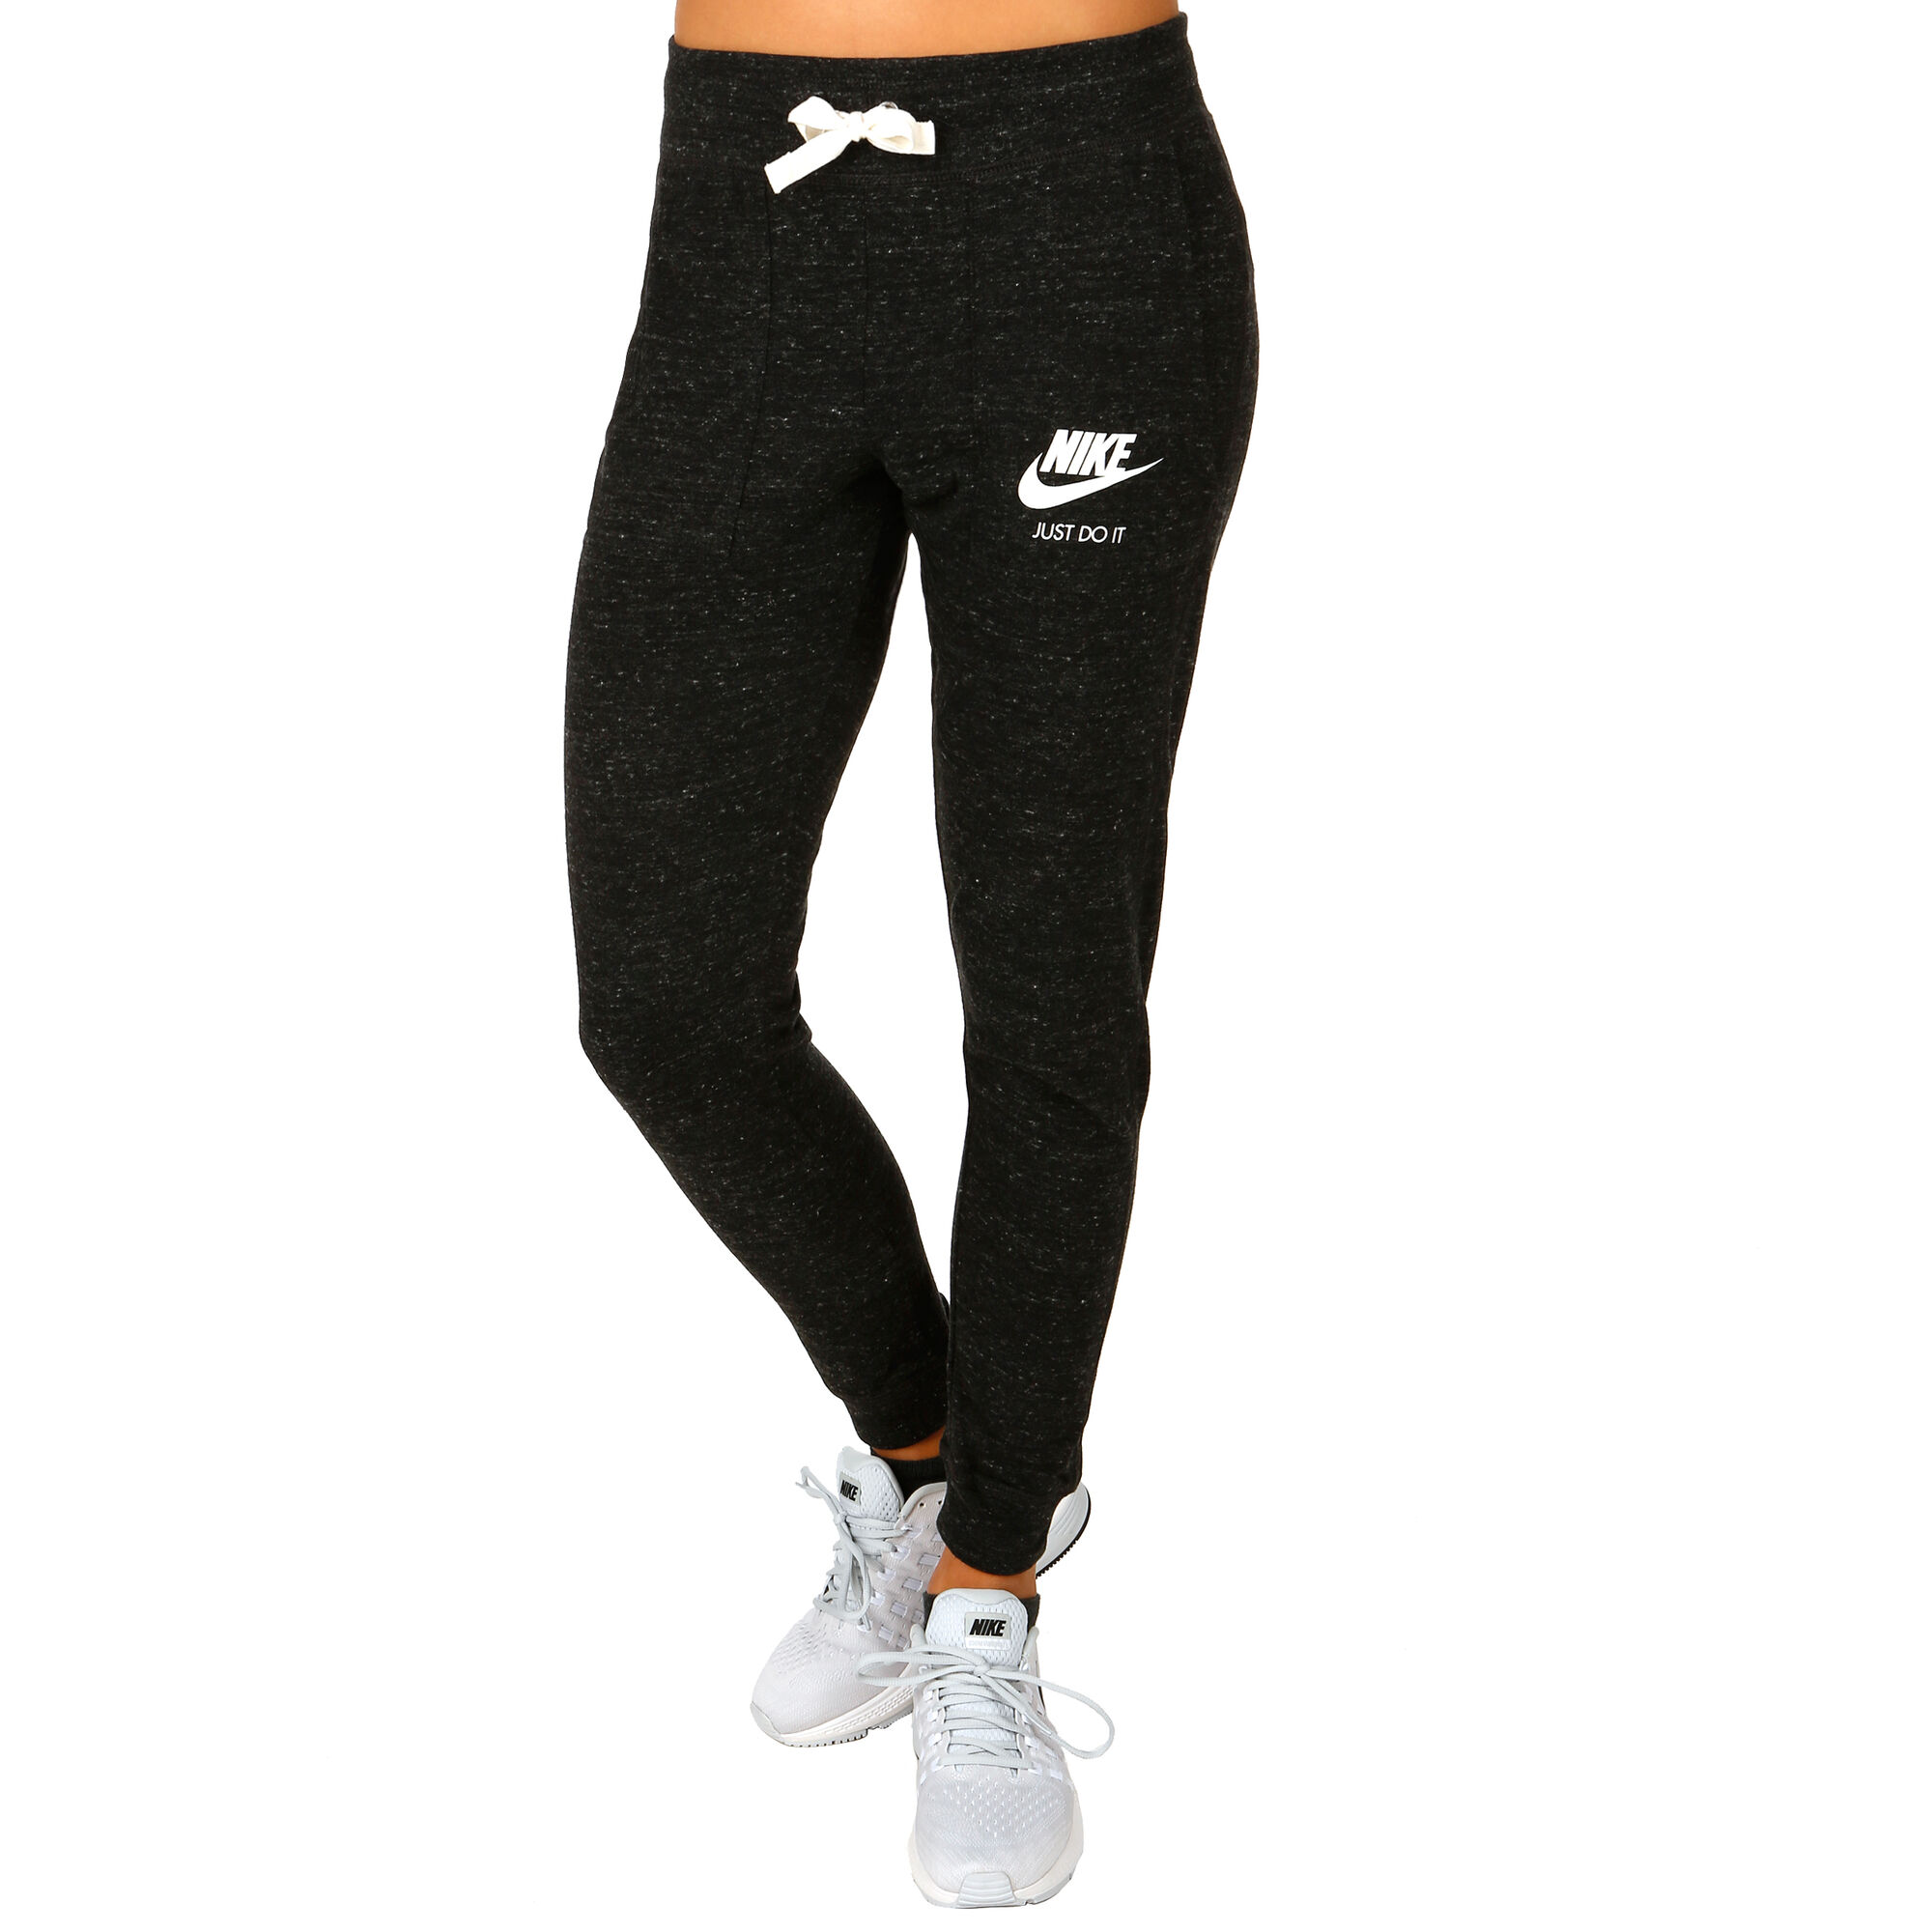 2bd9e5ee032 Nike Sportswear Gym Vintage Træningsbukser Damer - Sort, Hvid køb ...